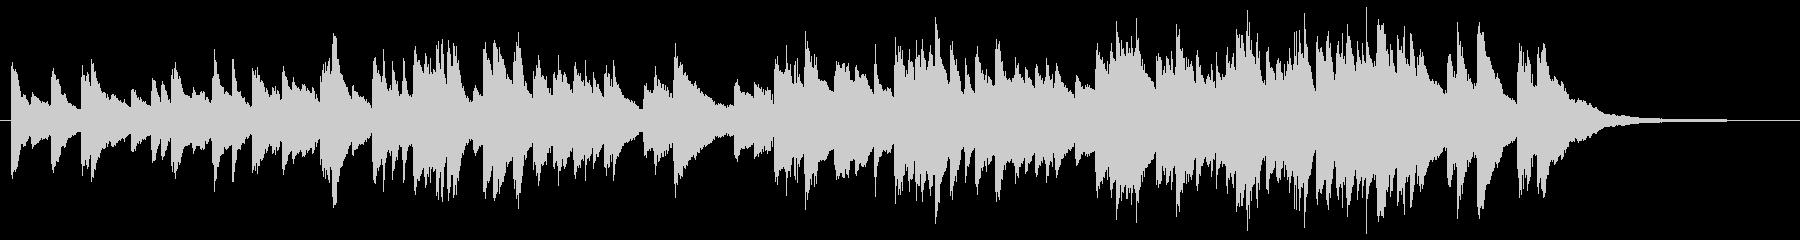 ゆったりとしたピアノソロバラードの未再生の波形